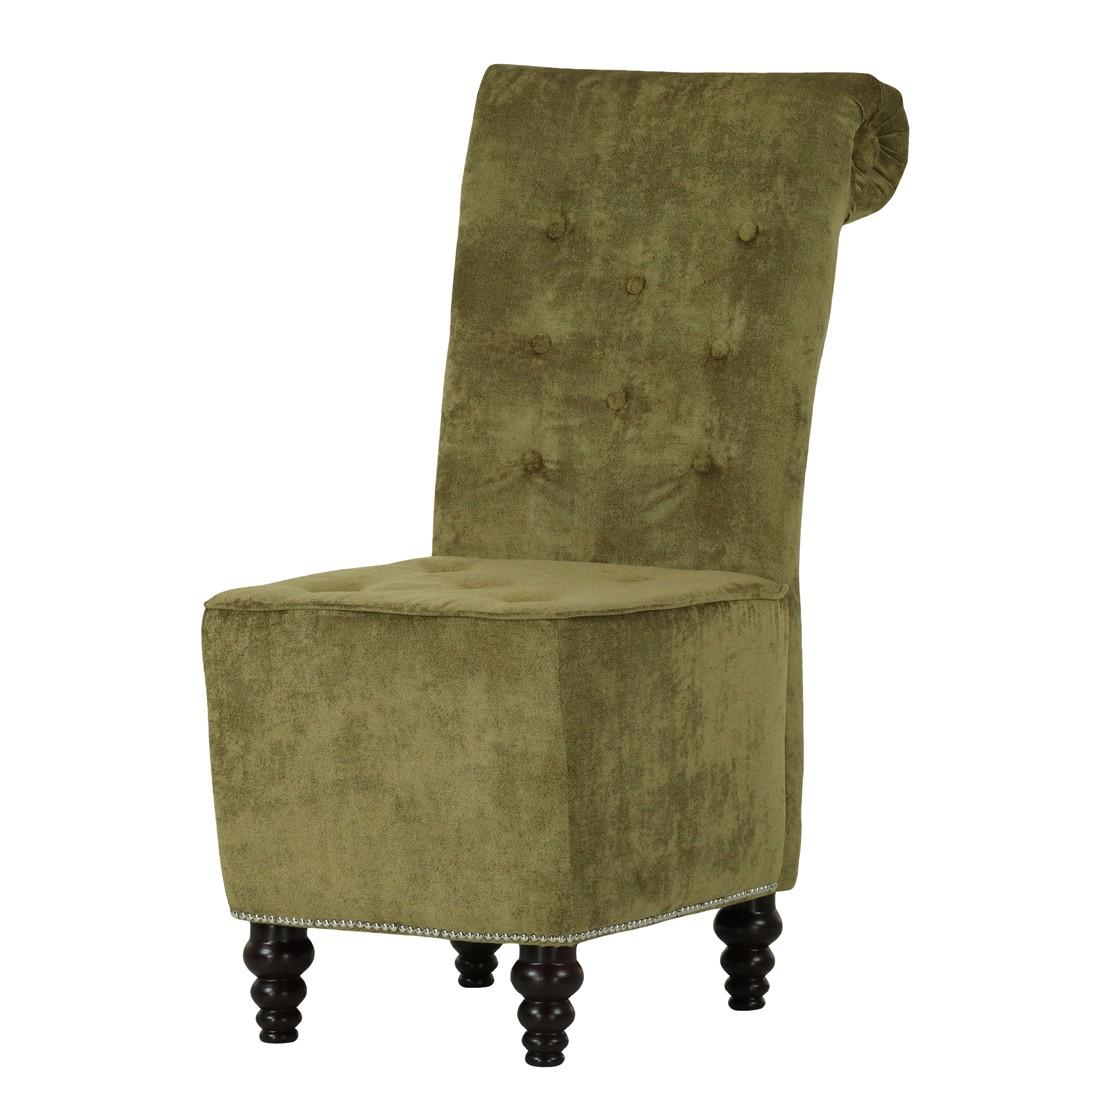 kahla comodo preisvergleich die besten angebote online kaufen. Black Bedroom Furniture Sets. Home Design Ideas